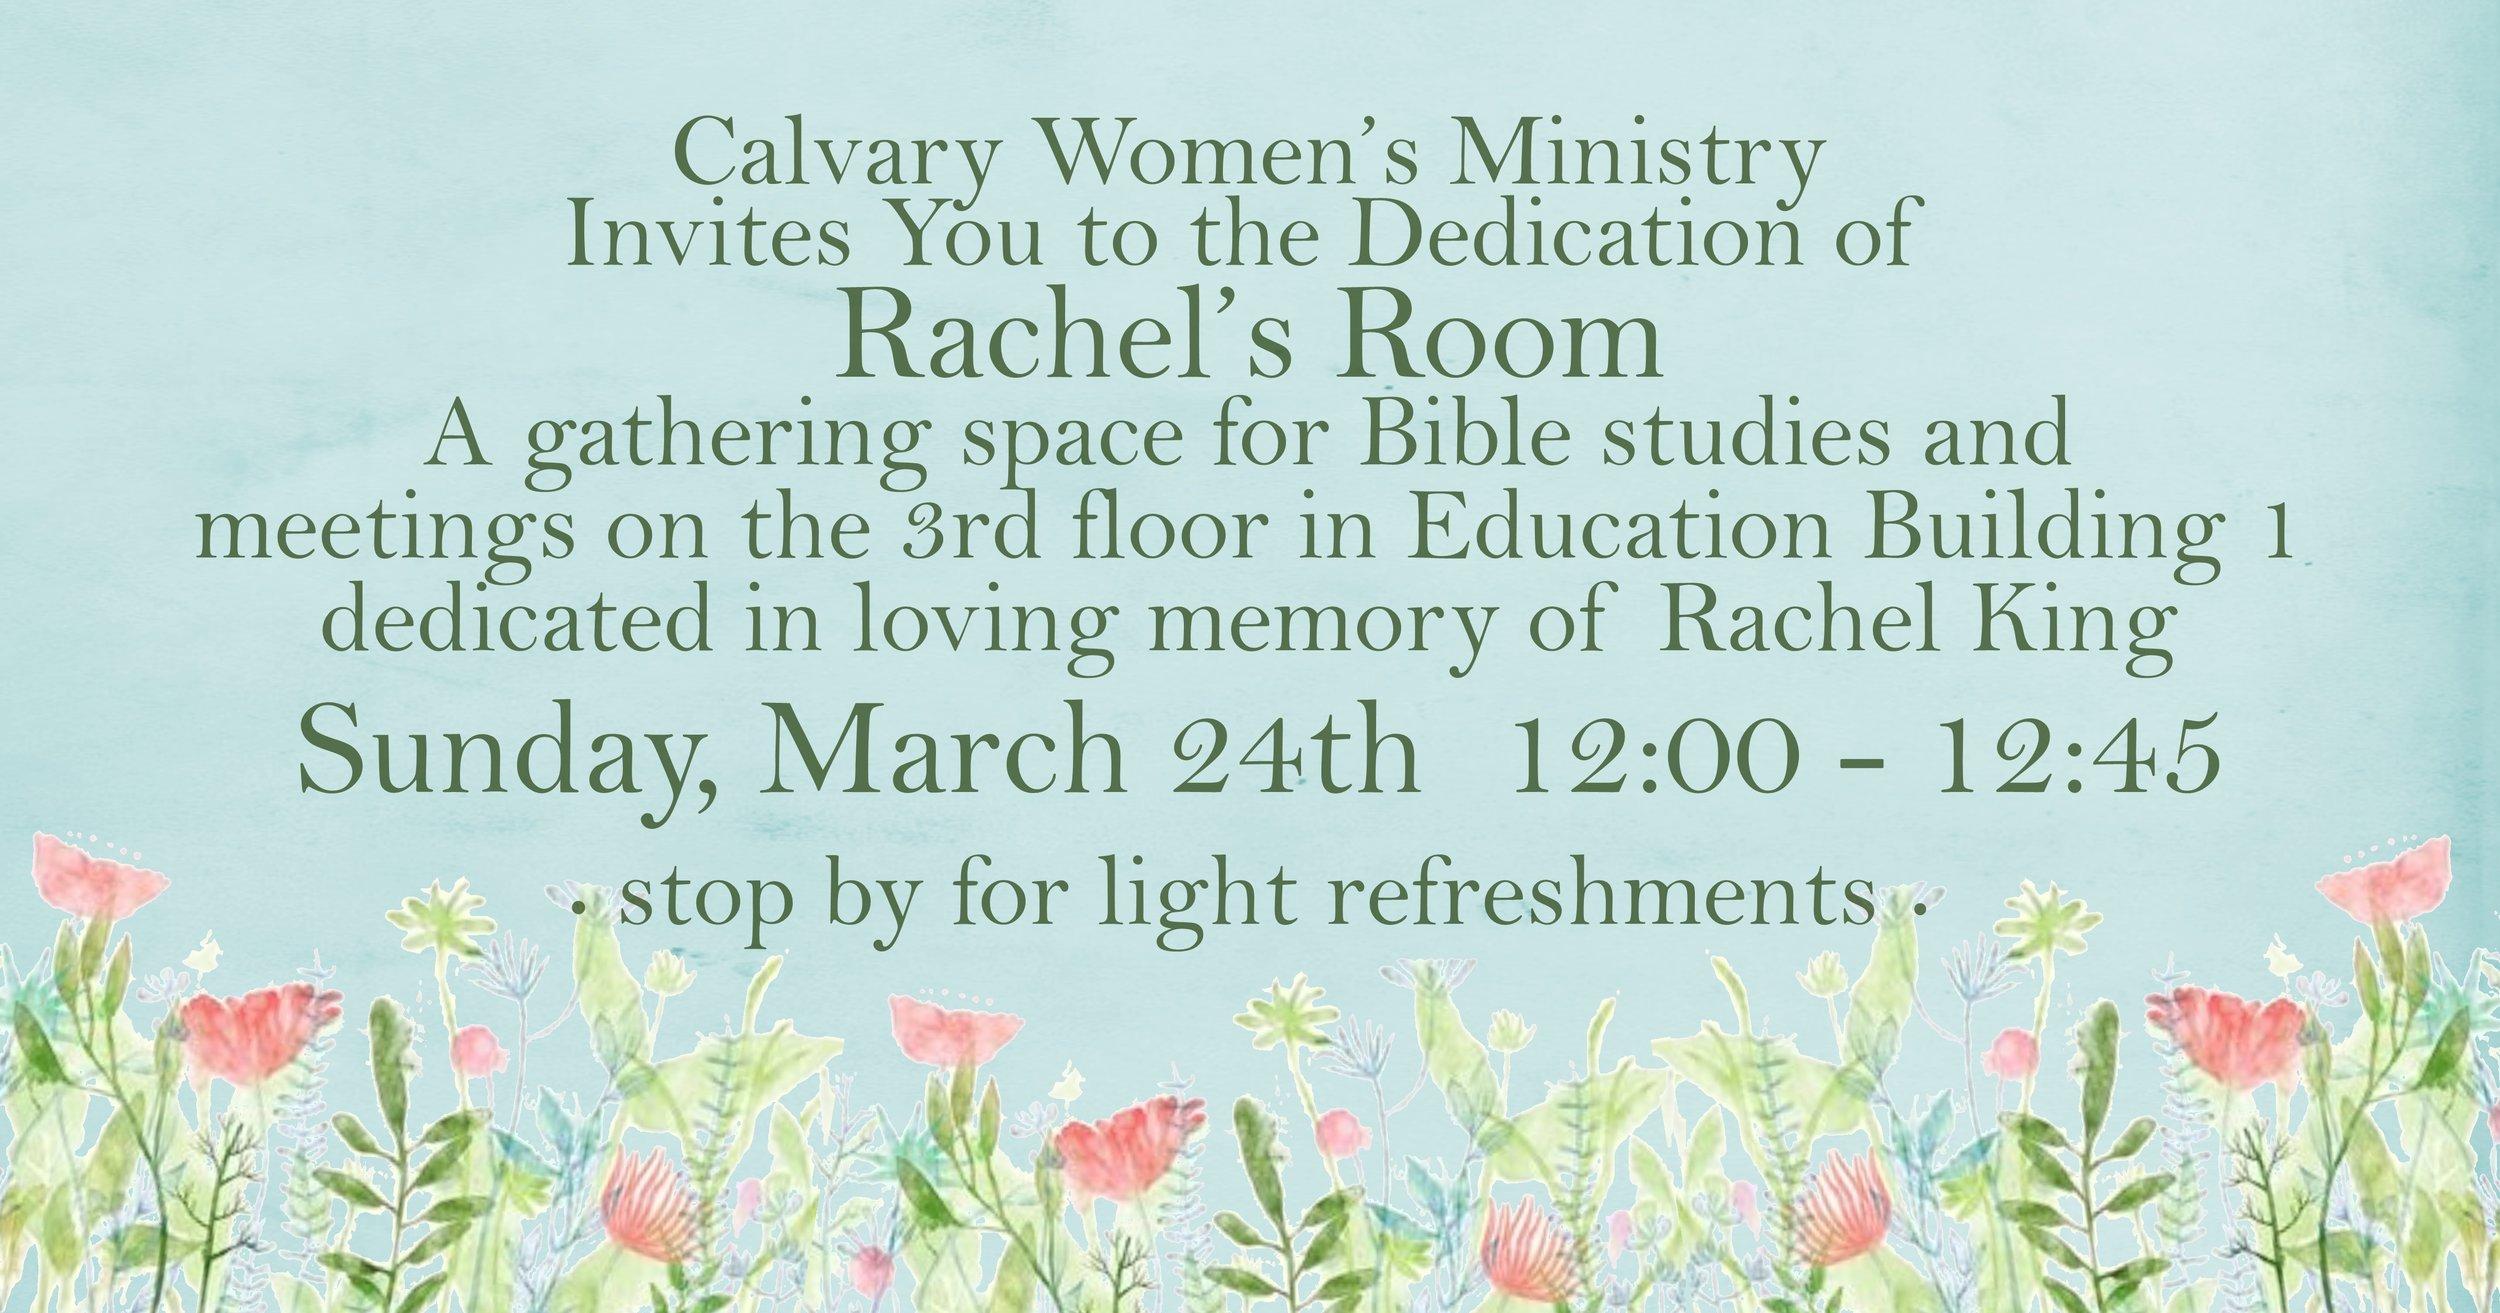 Rachel's Room Dedication Invitation fb 031919.jpg